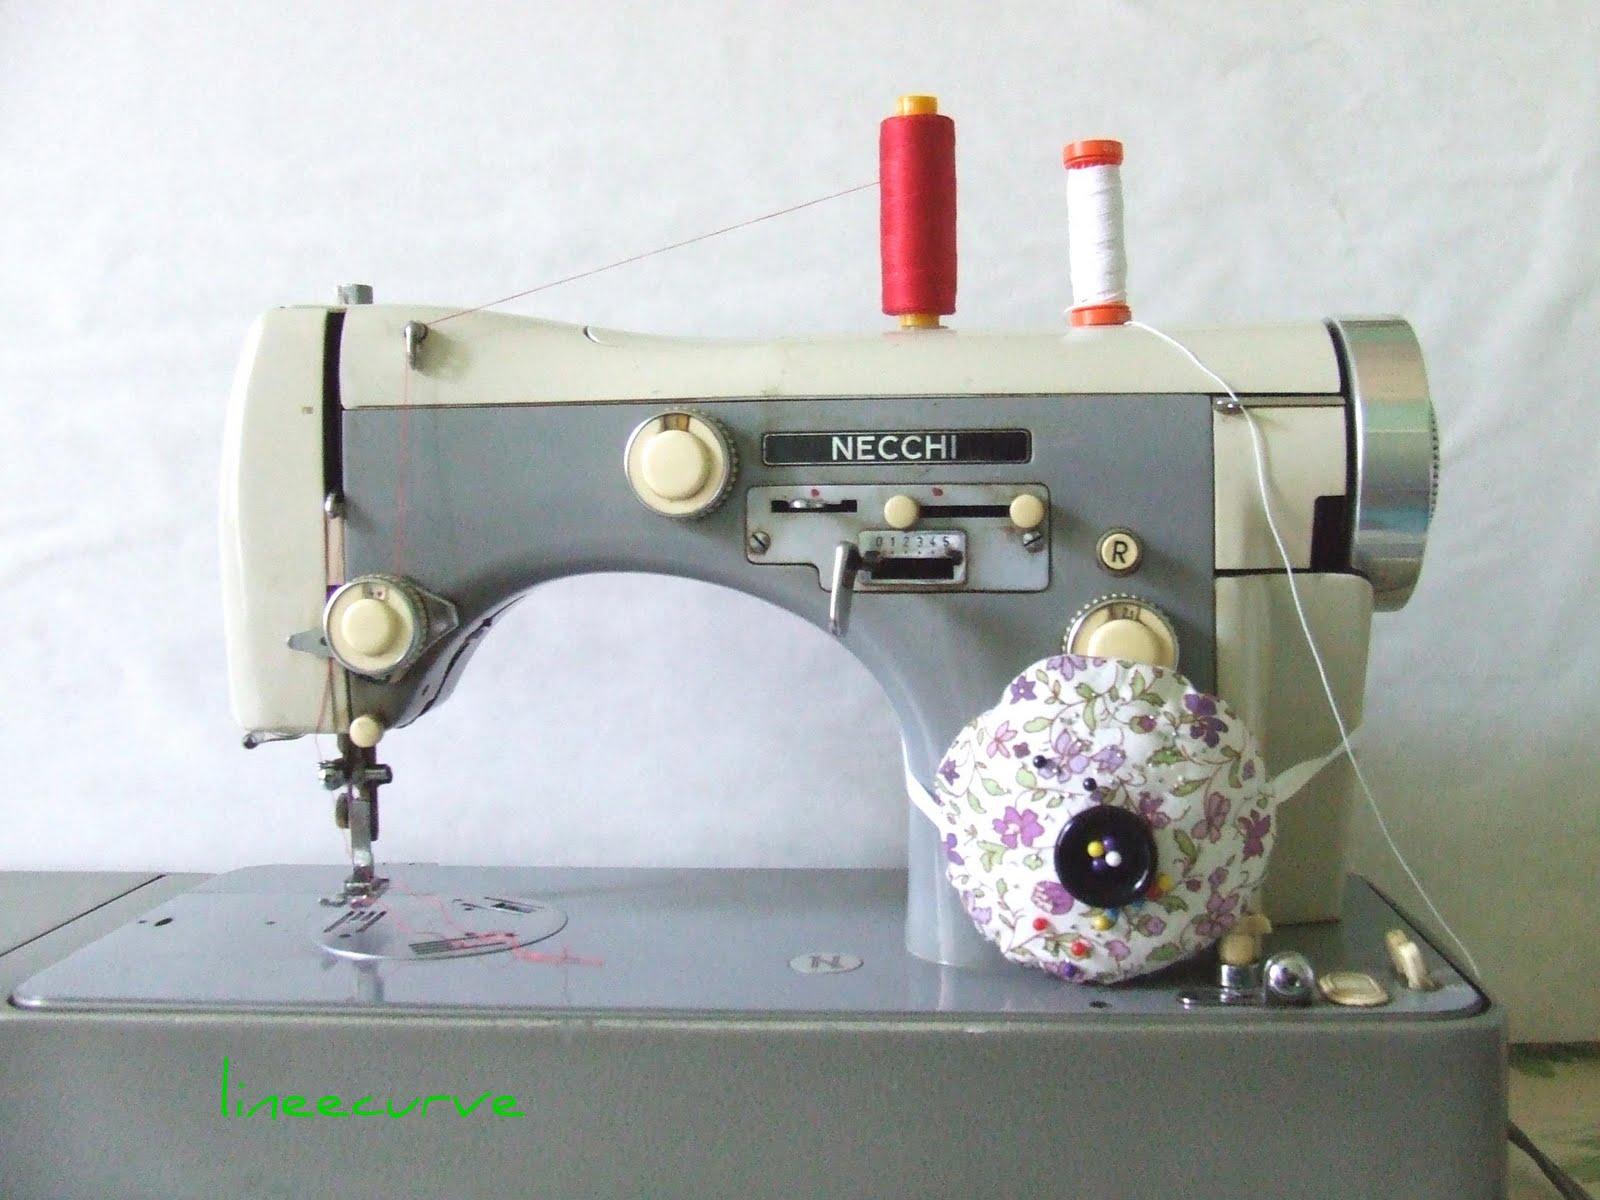 Lineecurve strumenti di lavoro la macchina da cucire for Ipercoop macchina da cucire